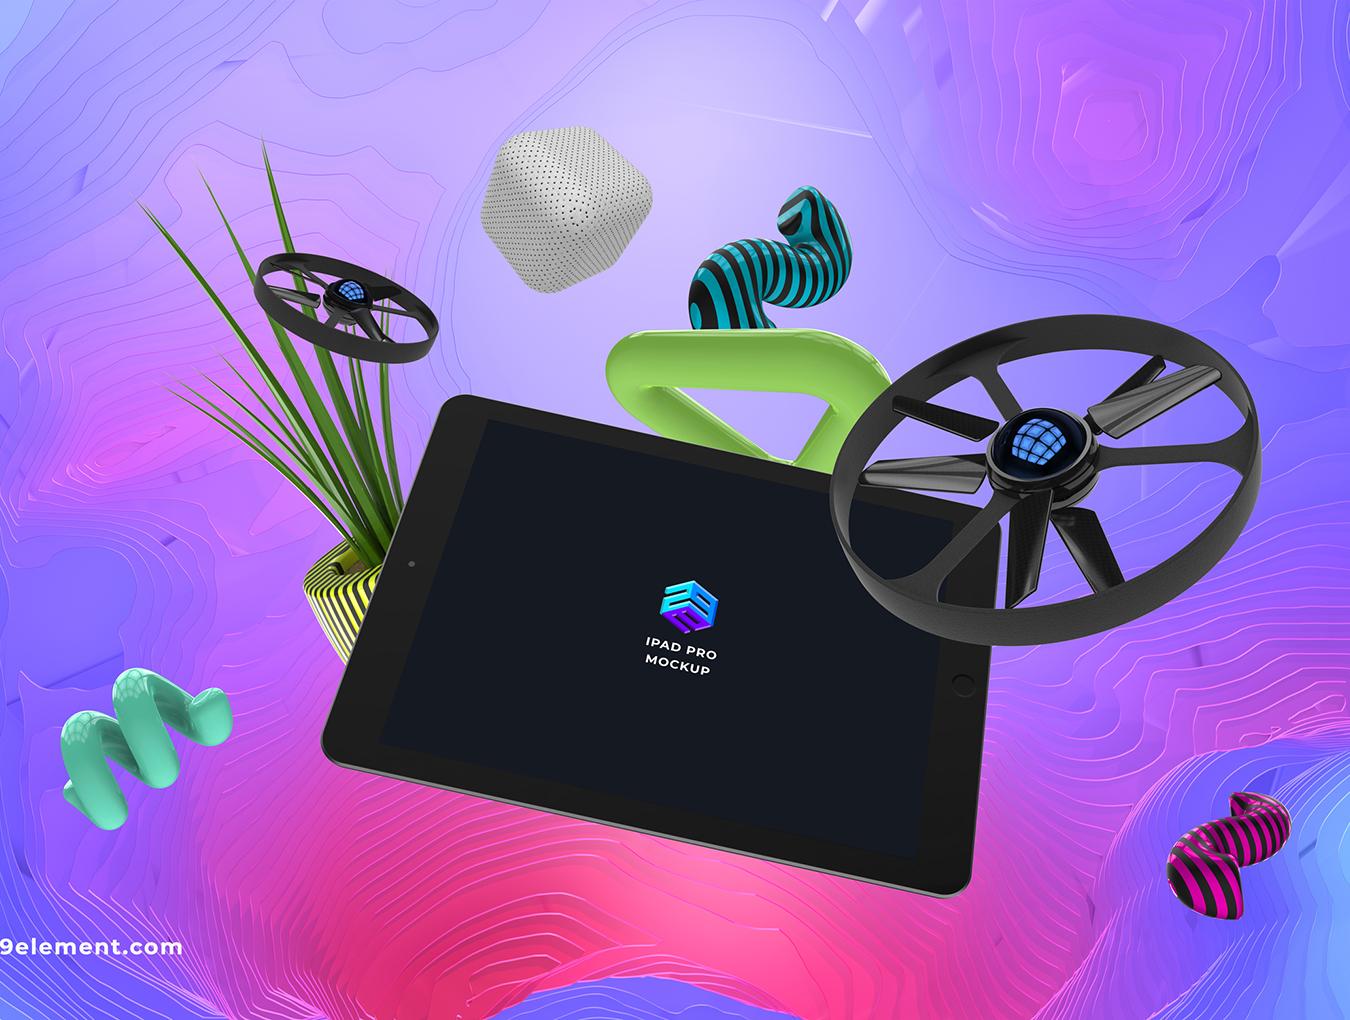 8个应用程序设计预览苹果Apple设备PSD样机模板 8 Concept Apple Devices v.3插图(4)